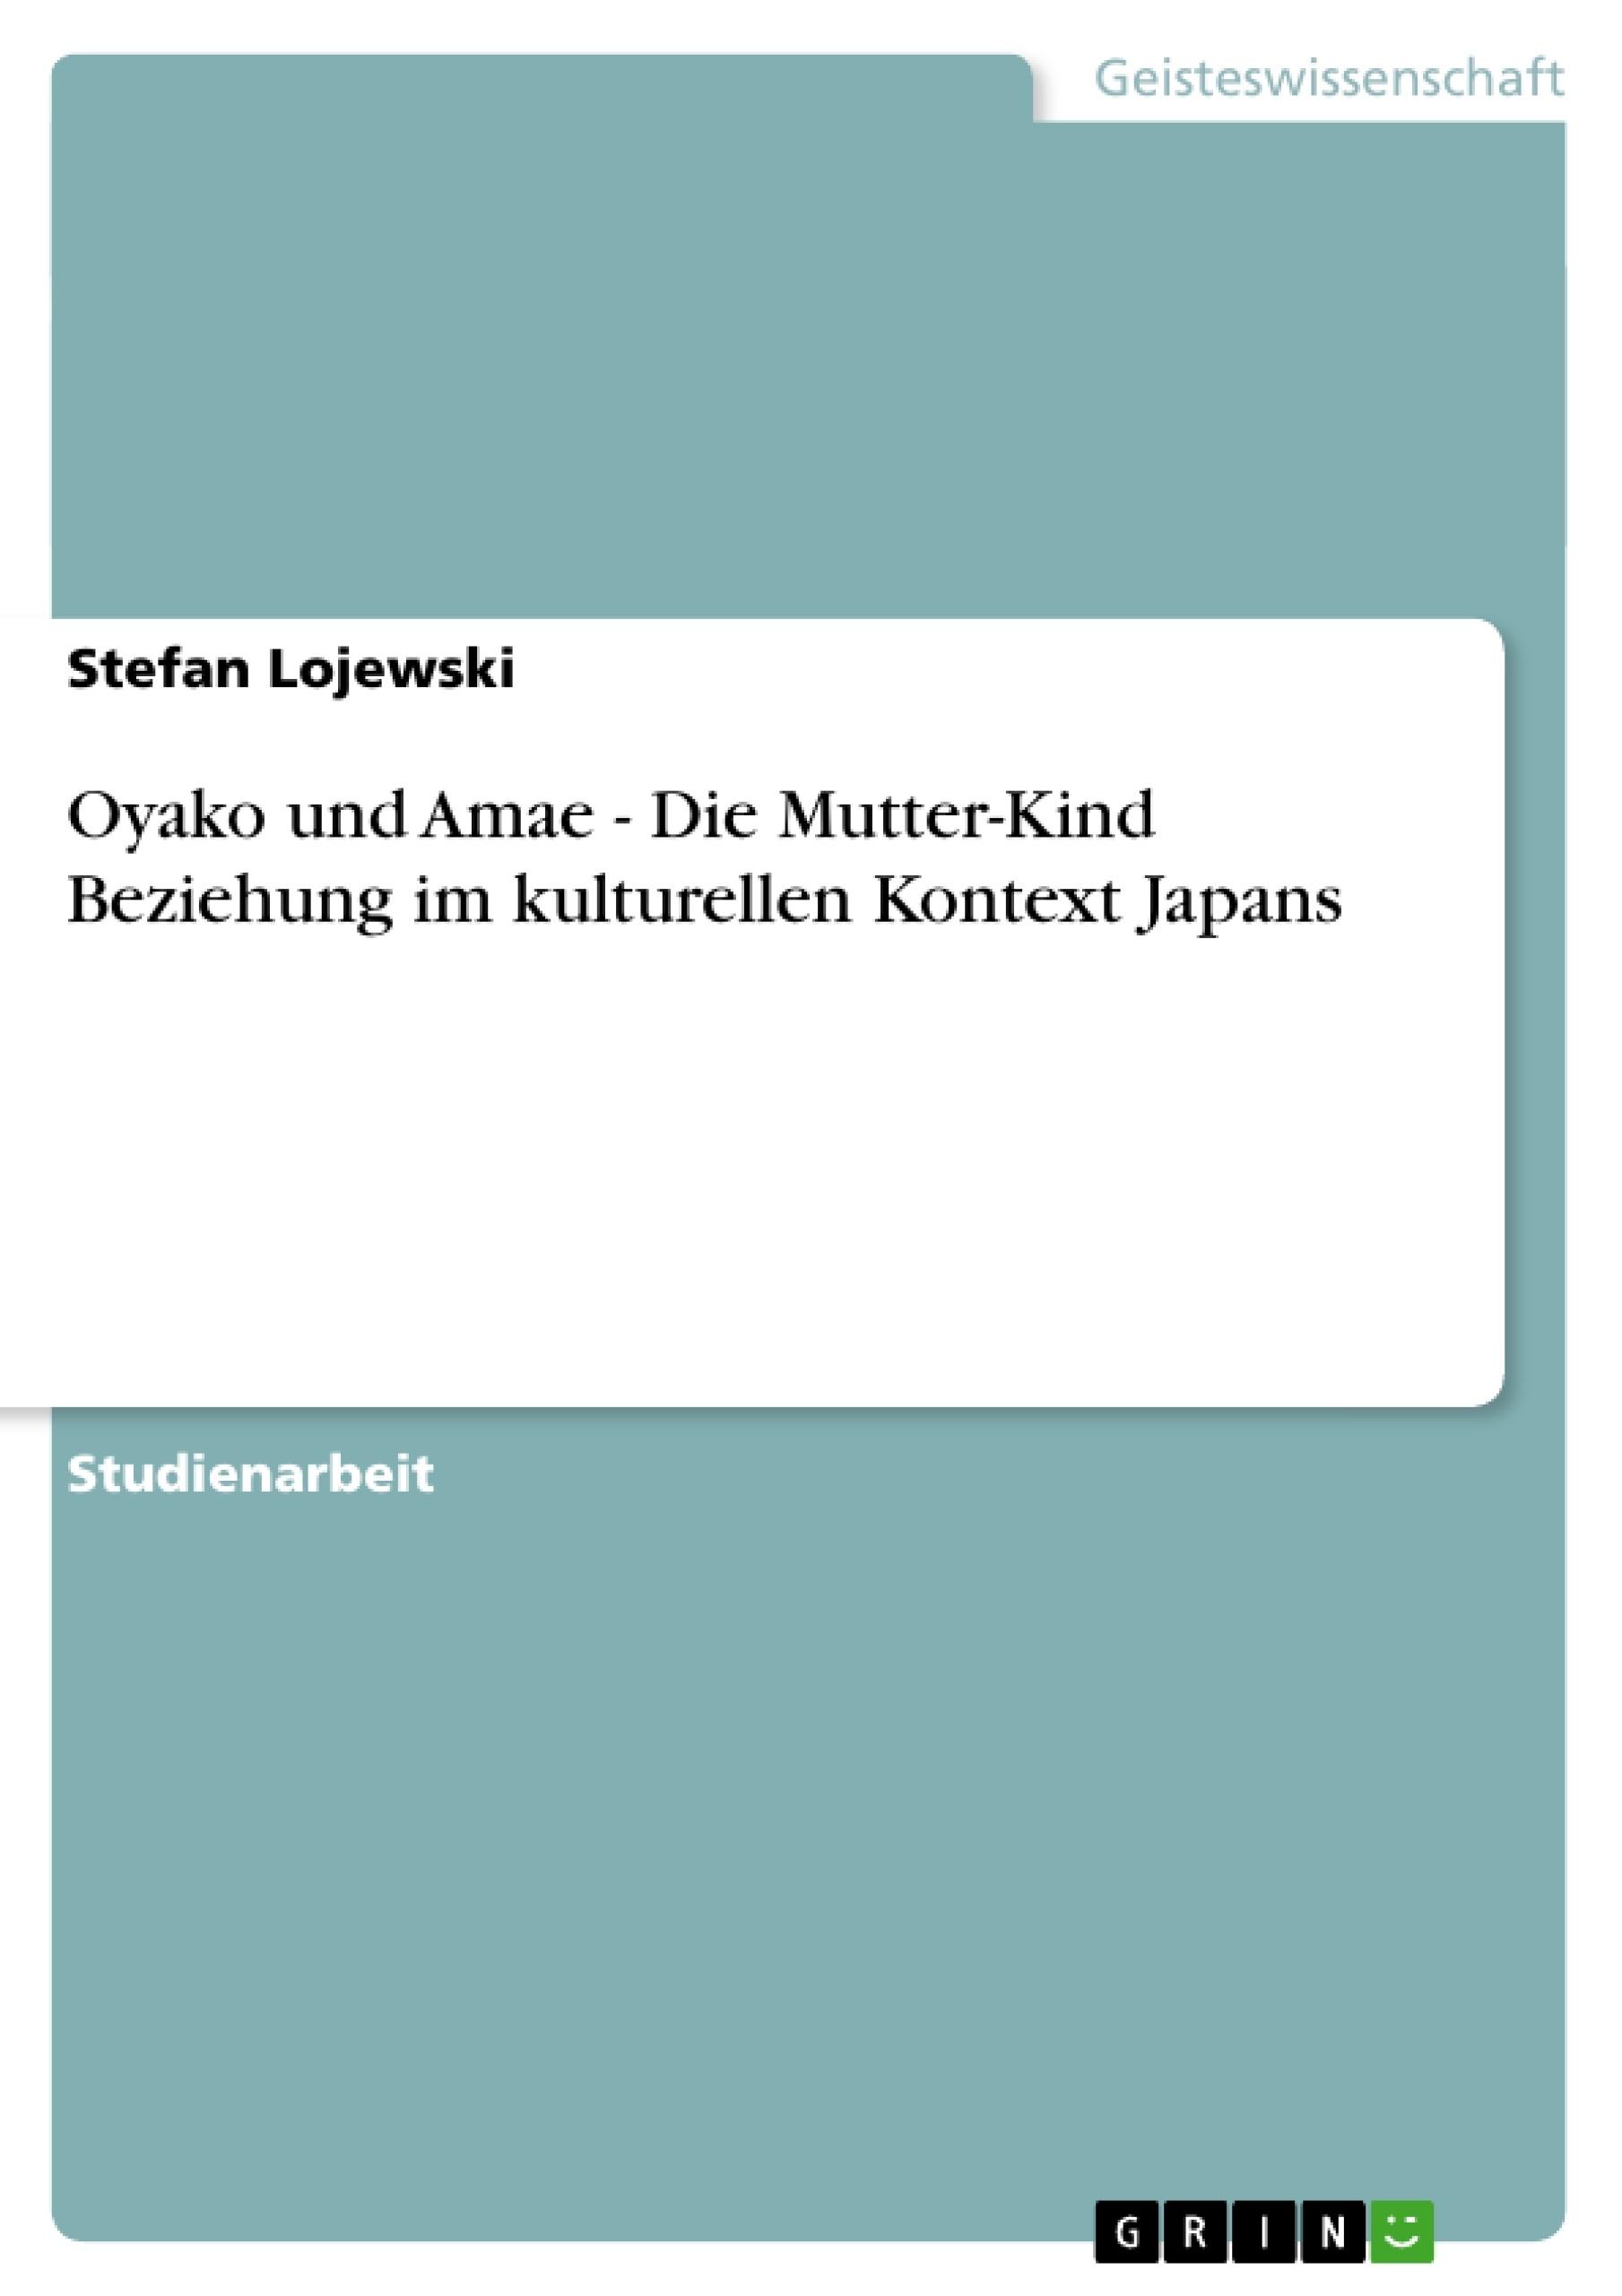 Titel: Oyako und Amae - Die Mutter-Kind Beziehung im kulturellen Kontext Japans